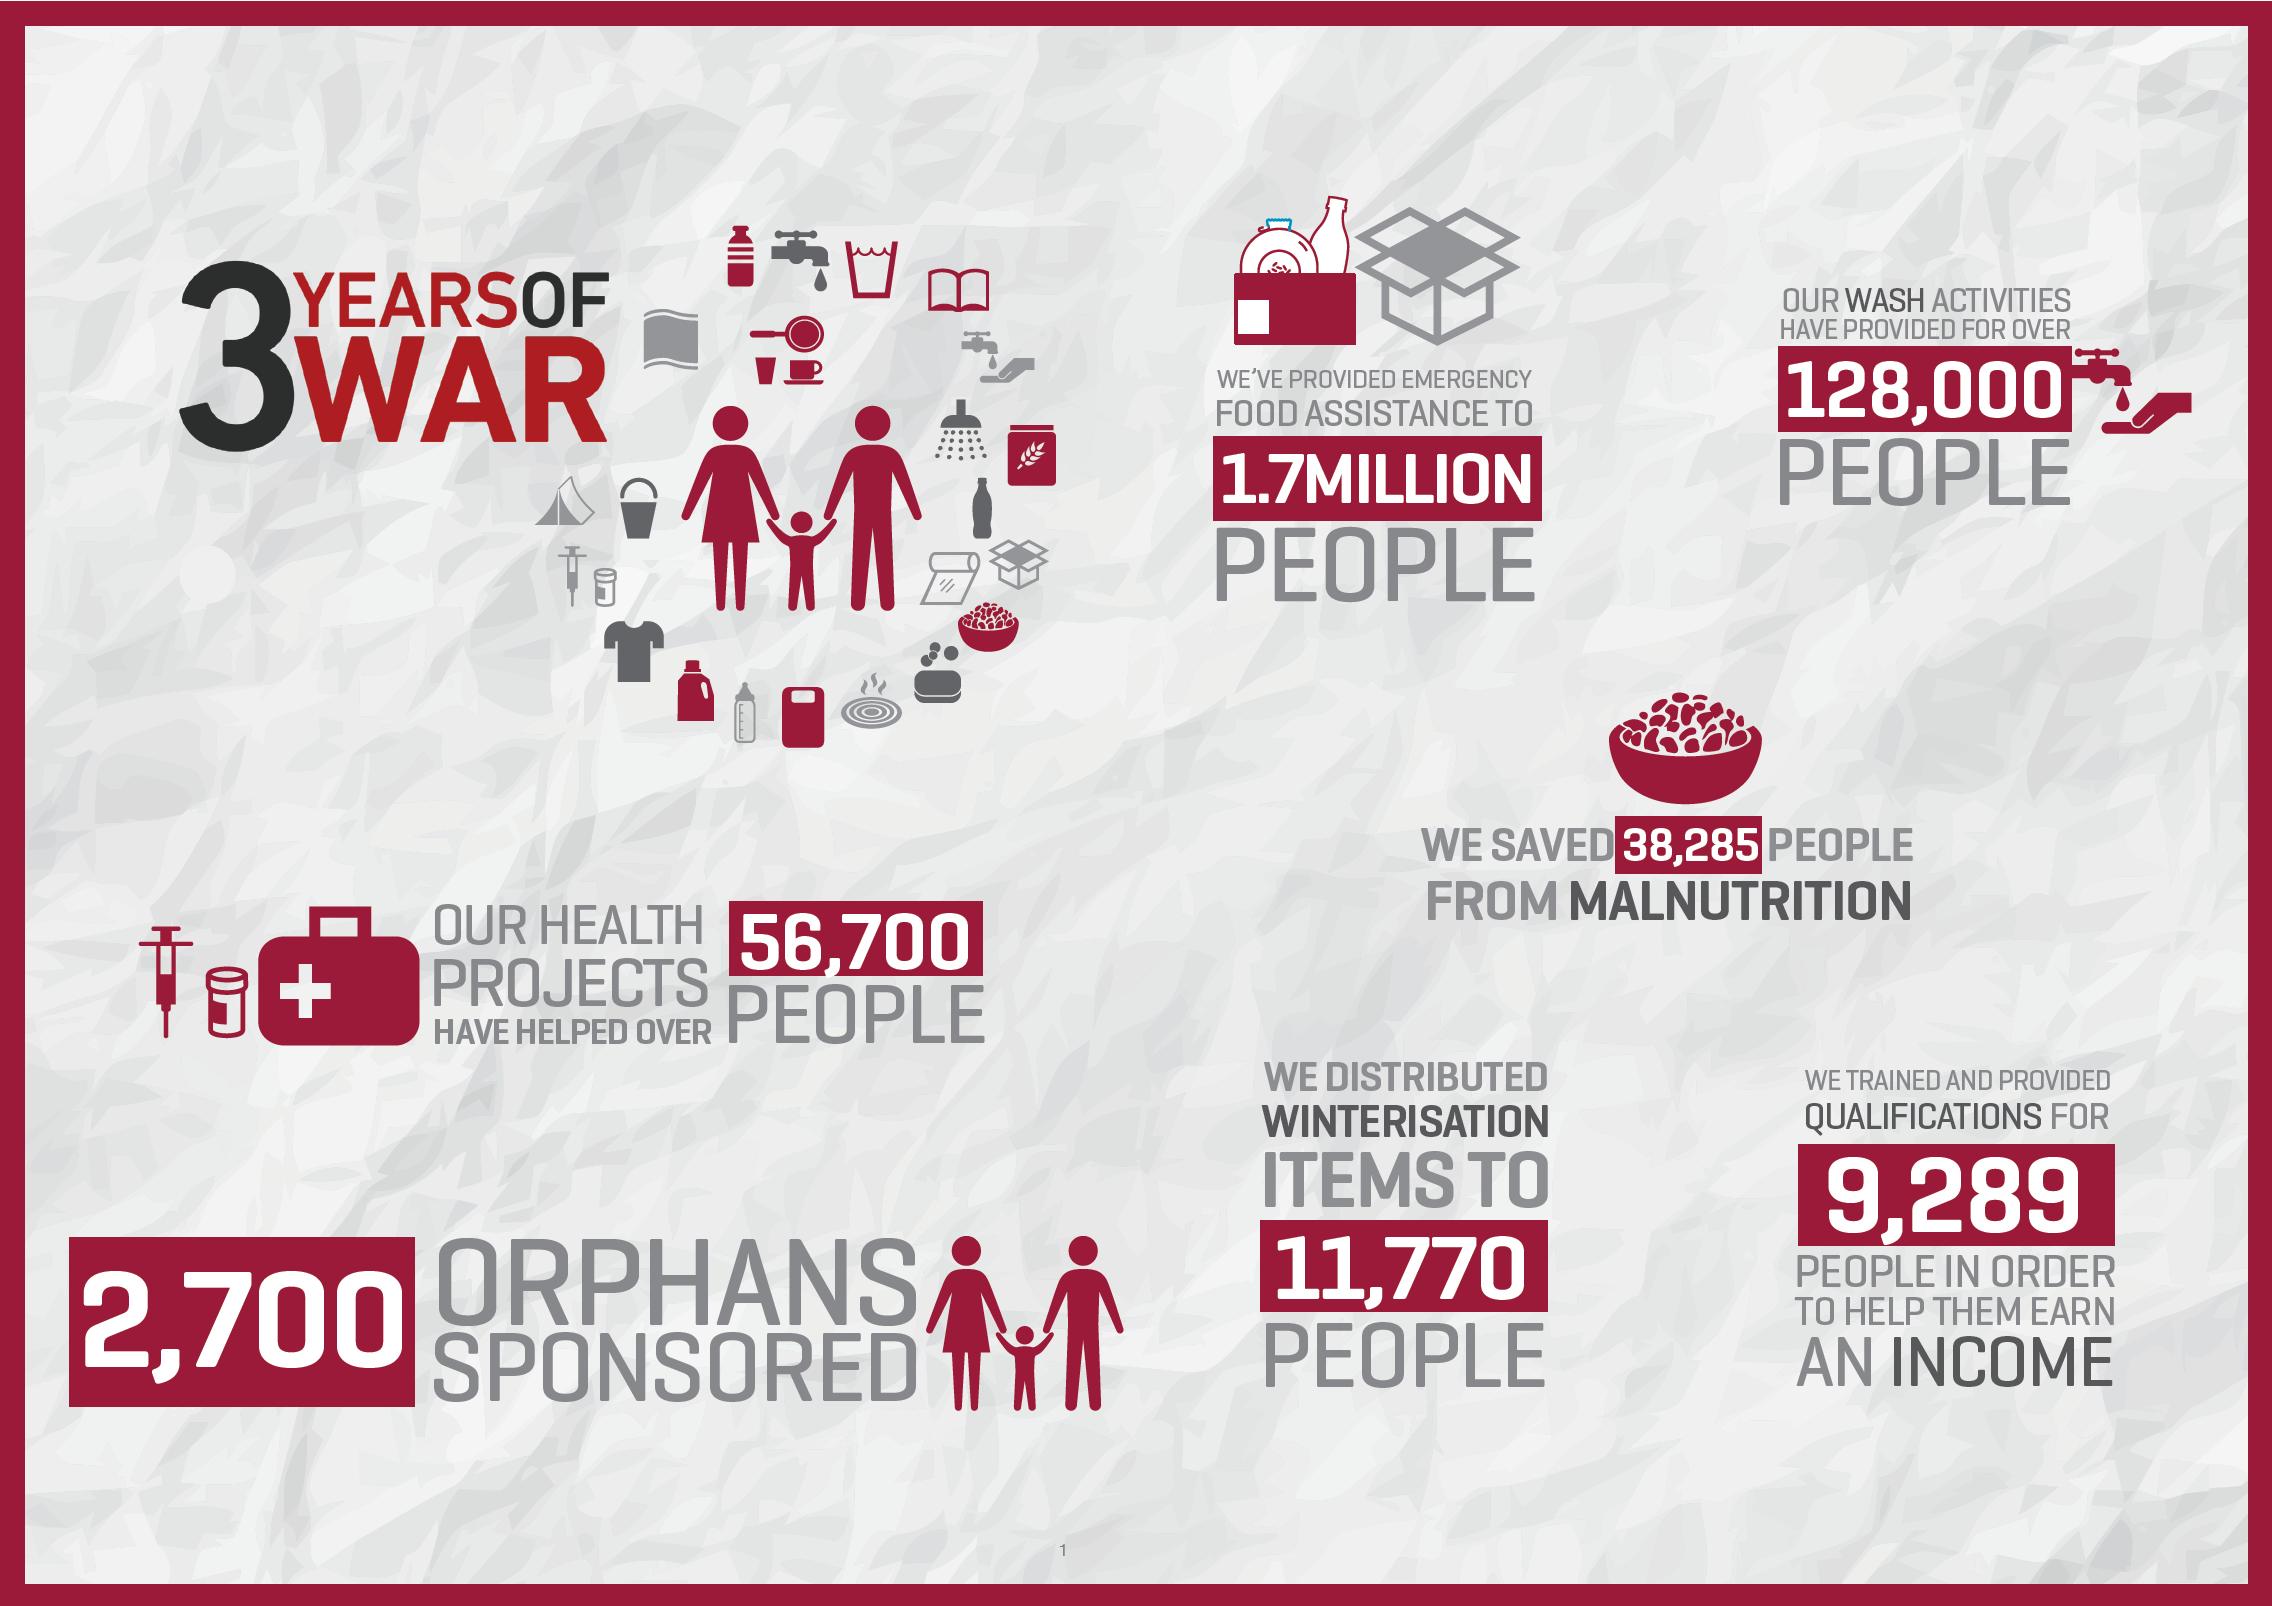 Yemen: Three Years of War | Islamic Relief Worldwide